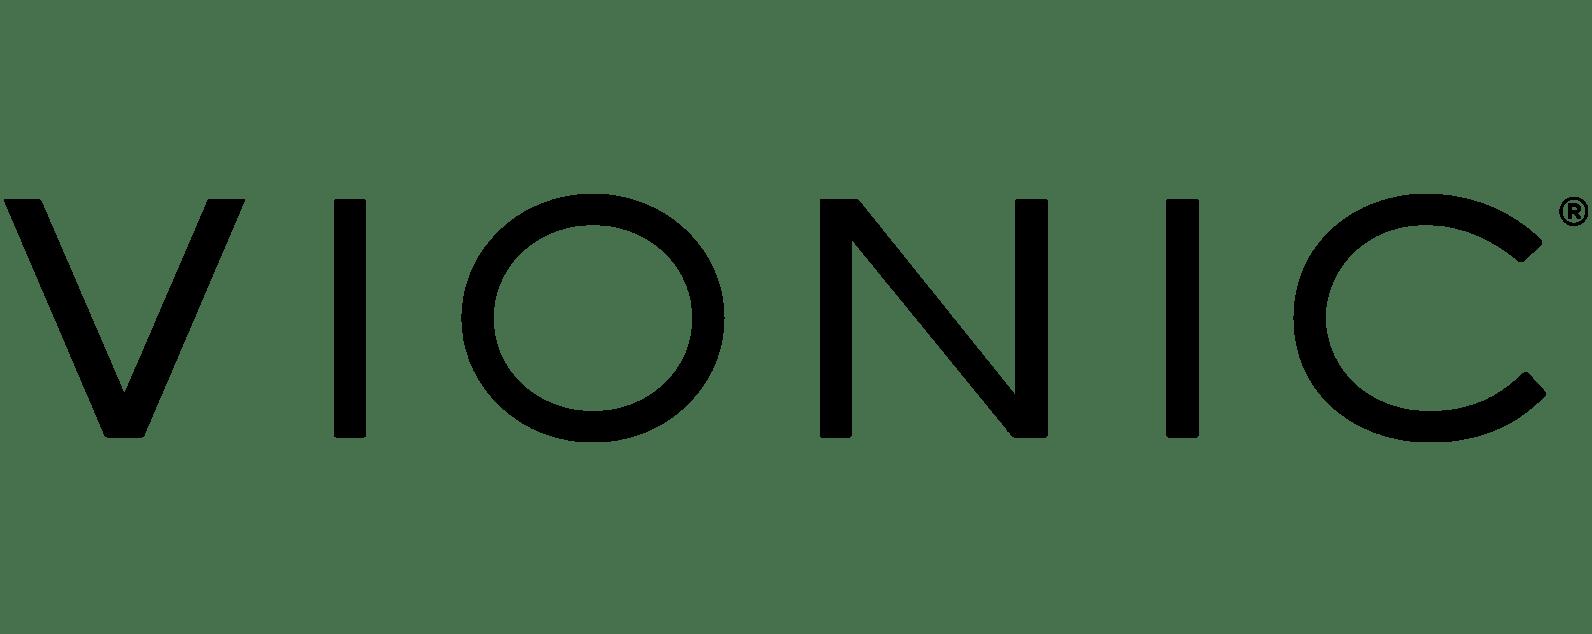 Vionic [1592x634]